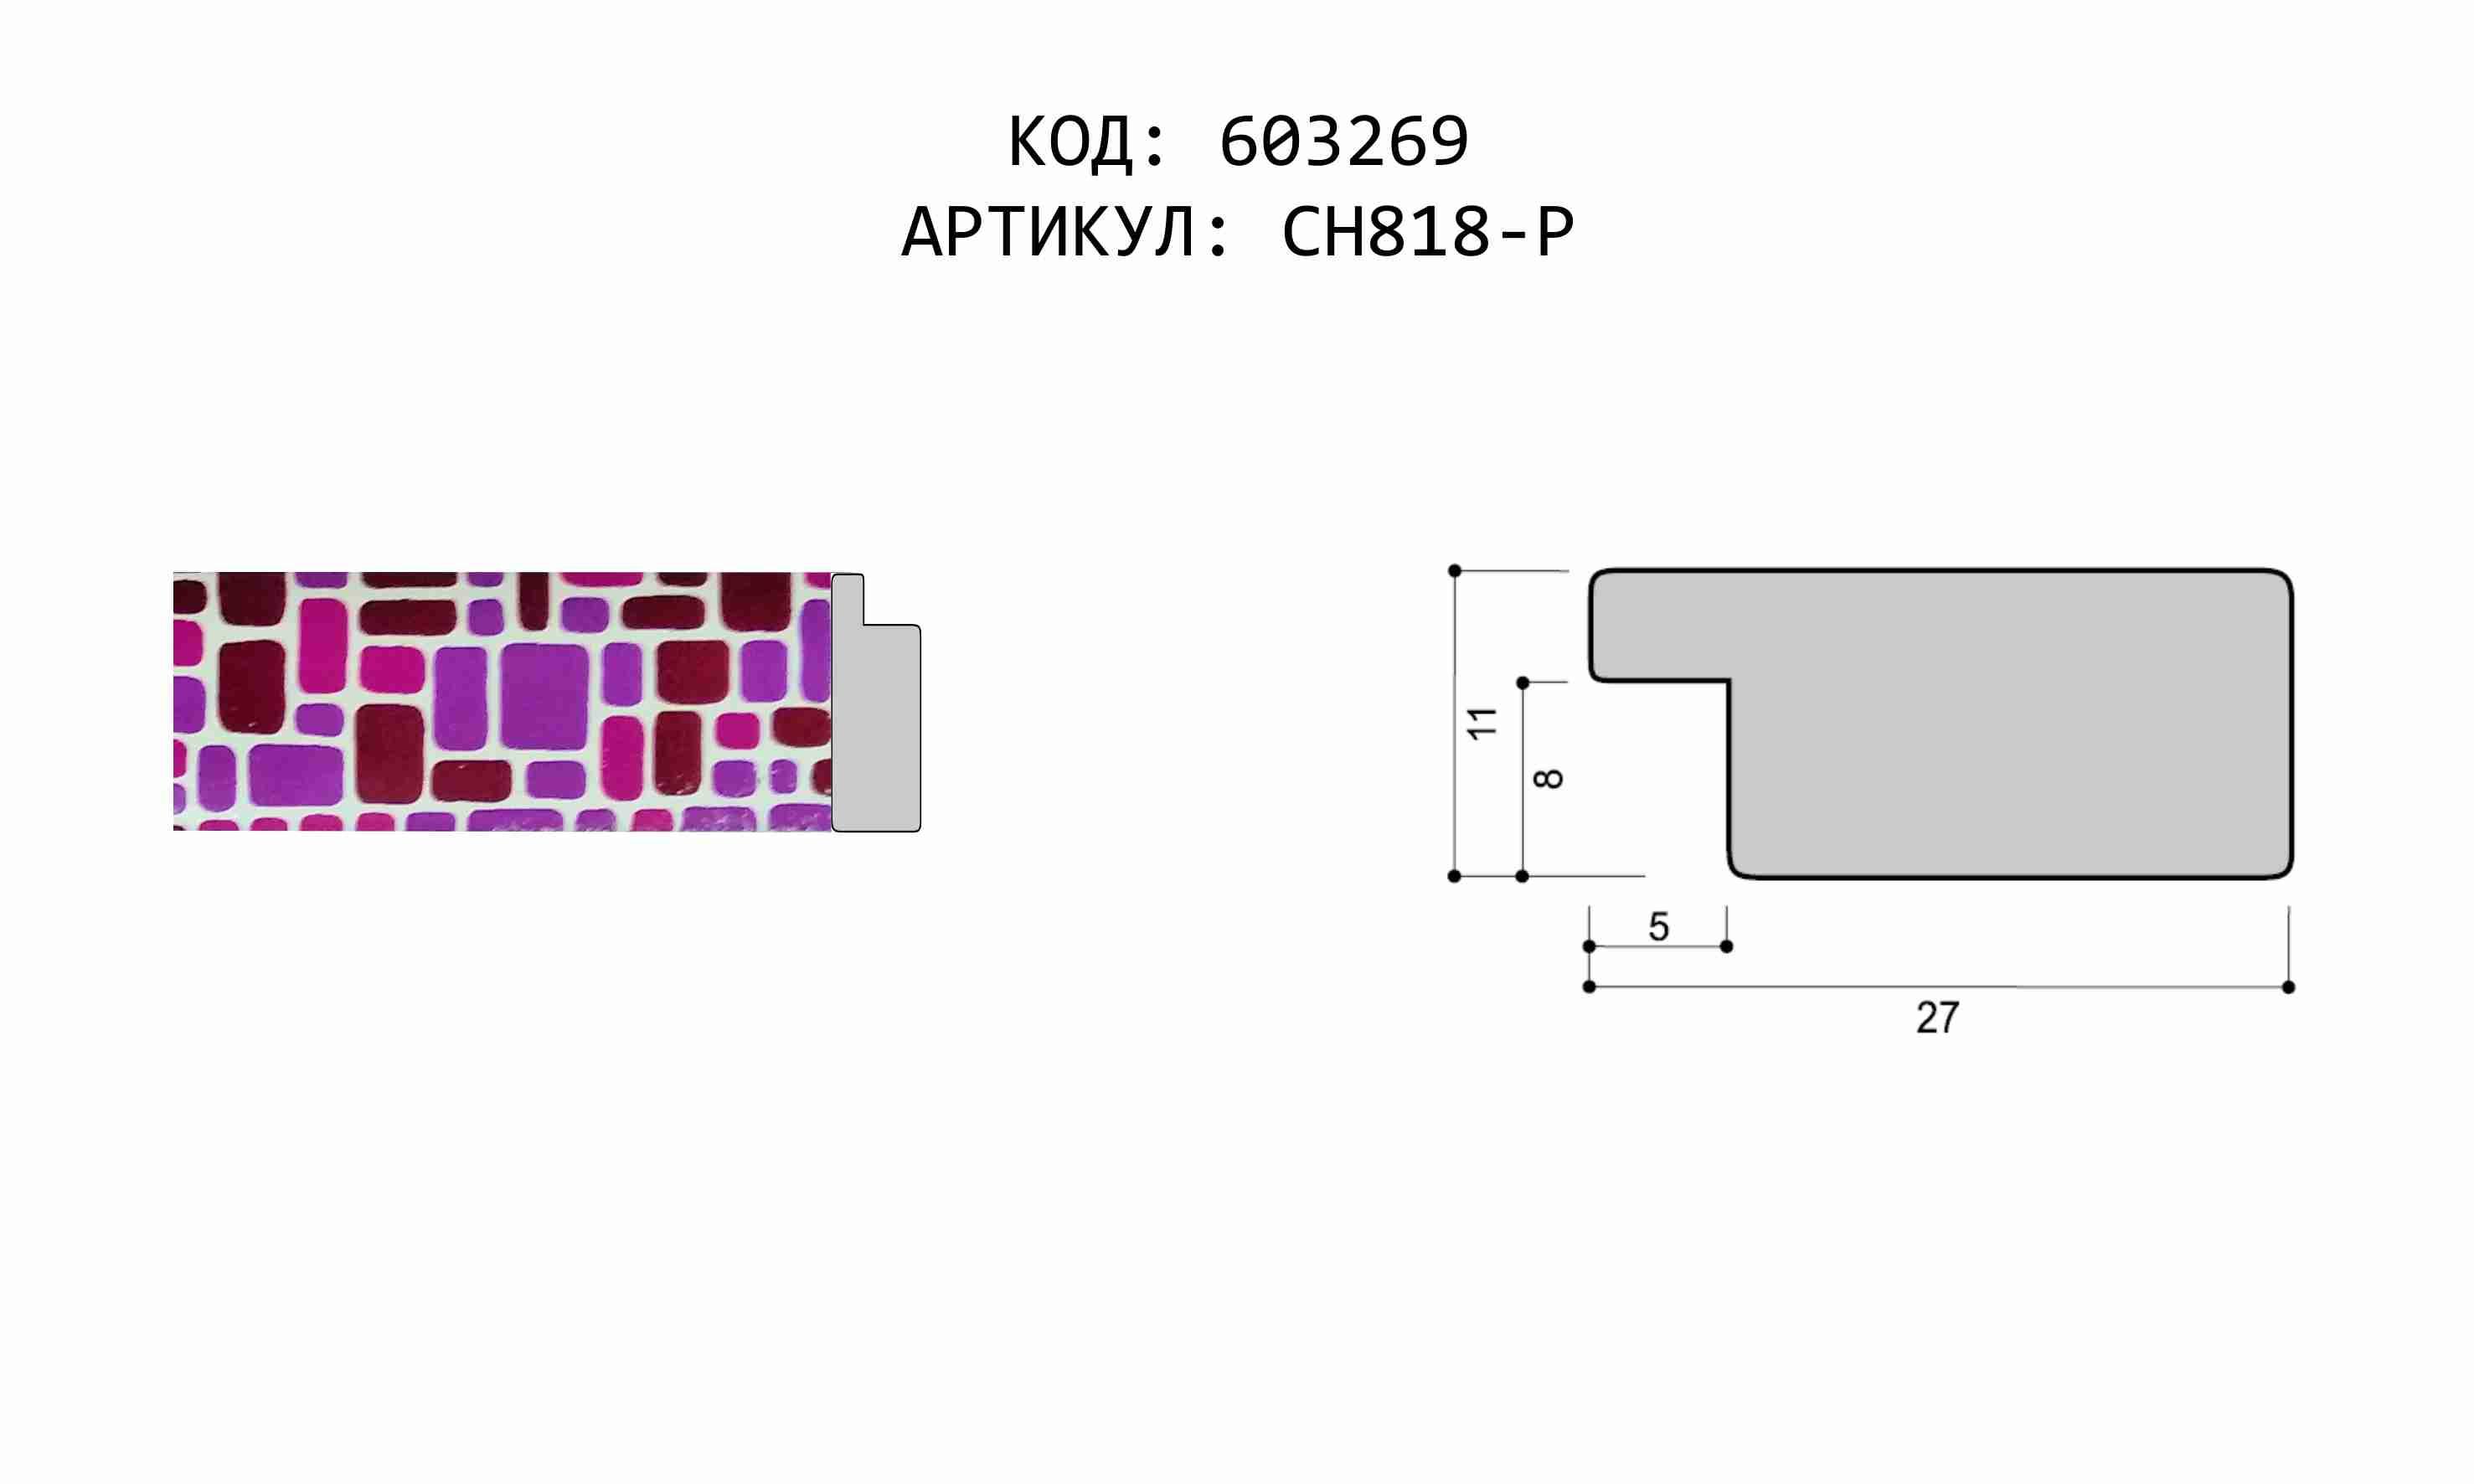 Артикул: CH818-P